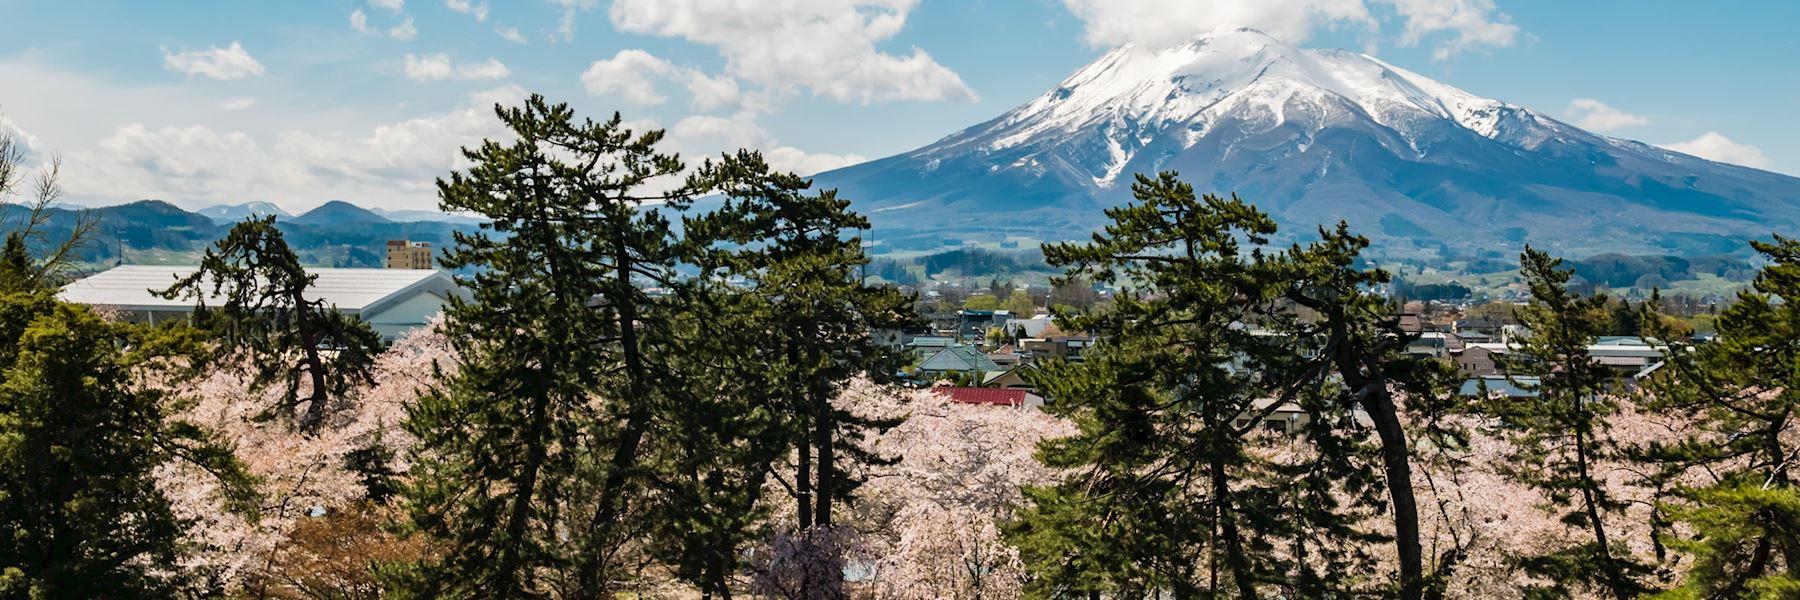 Visit Tohoku, Japan